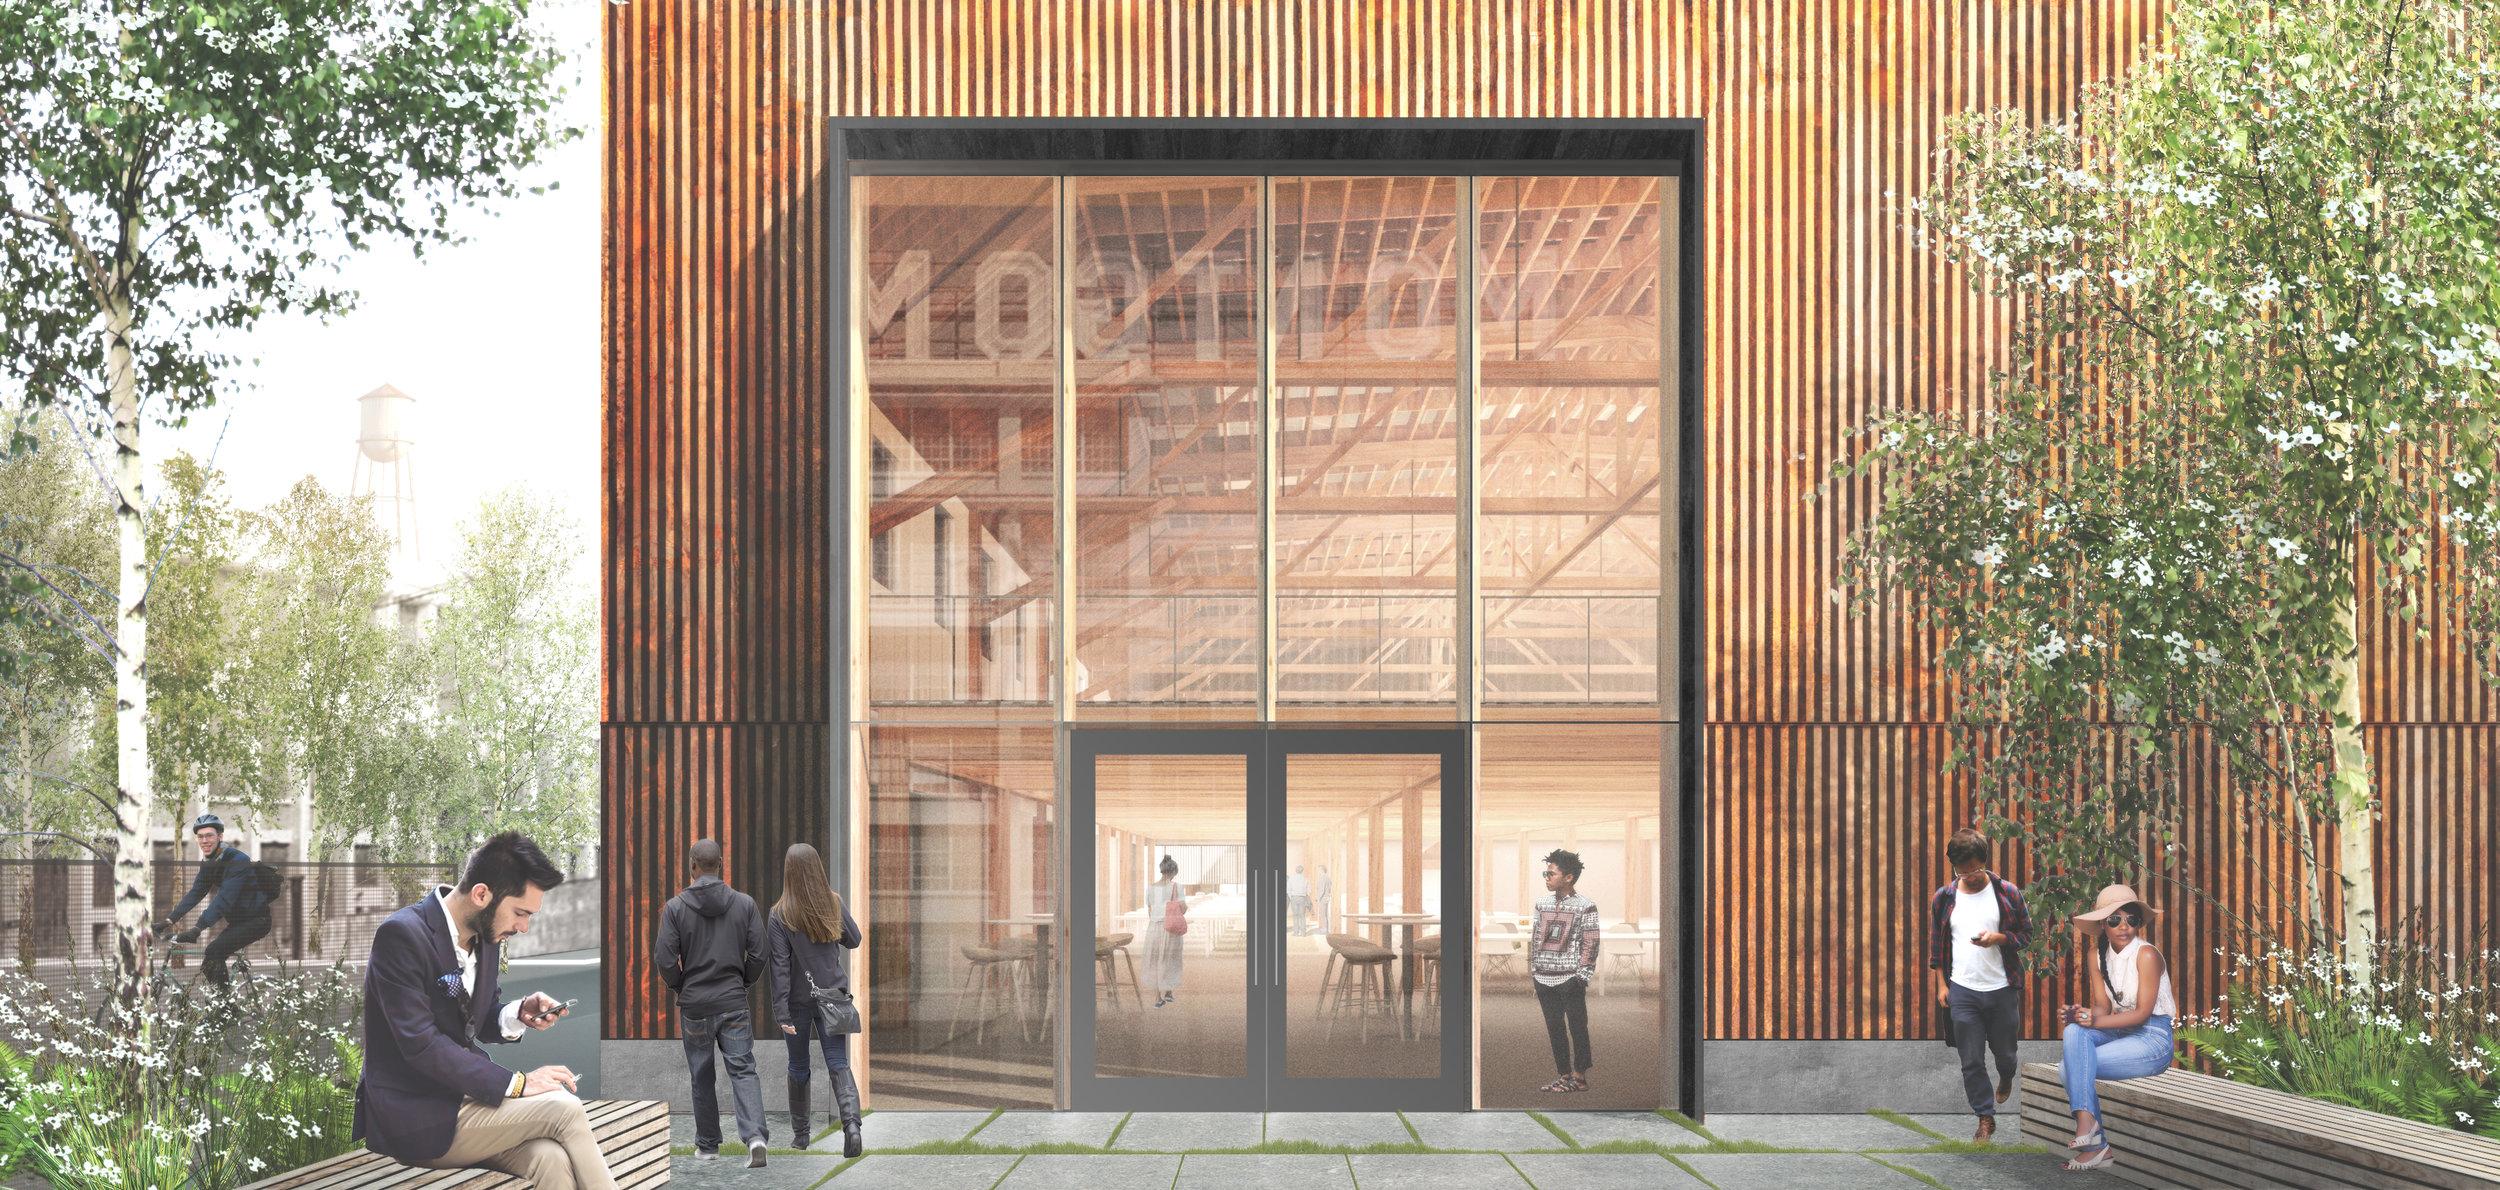 Looking Inside West Building Updated.jpg